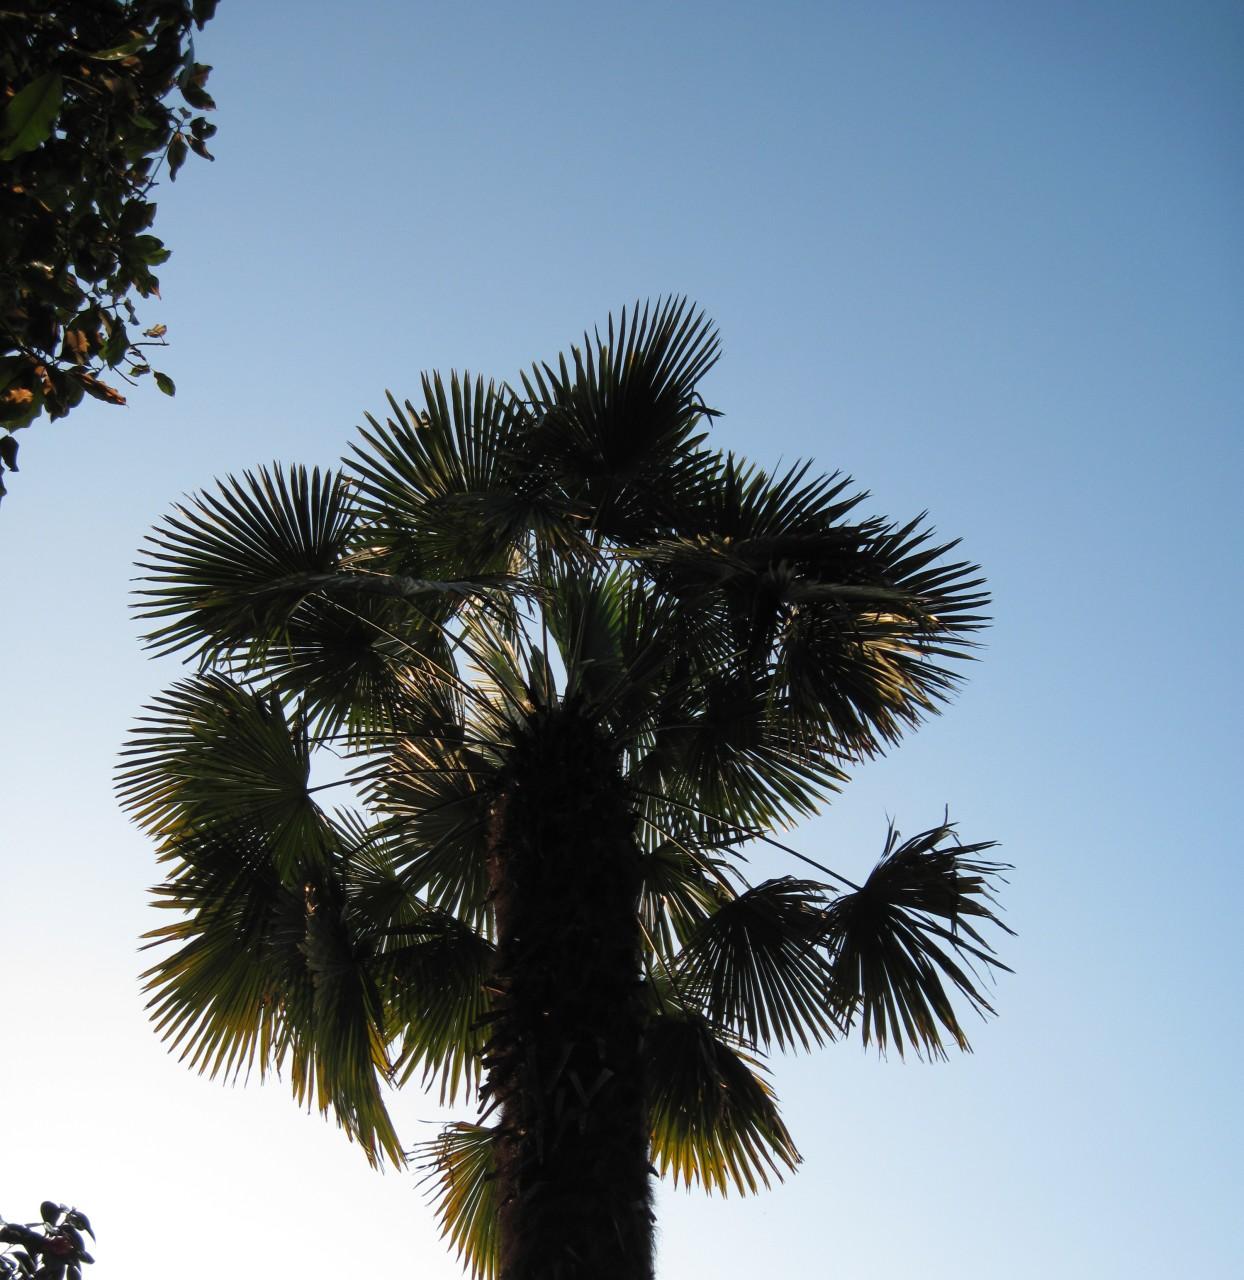 Piante Palme : Fotos piante palme